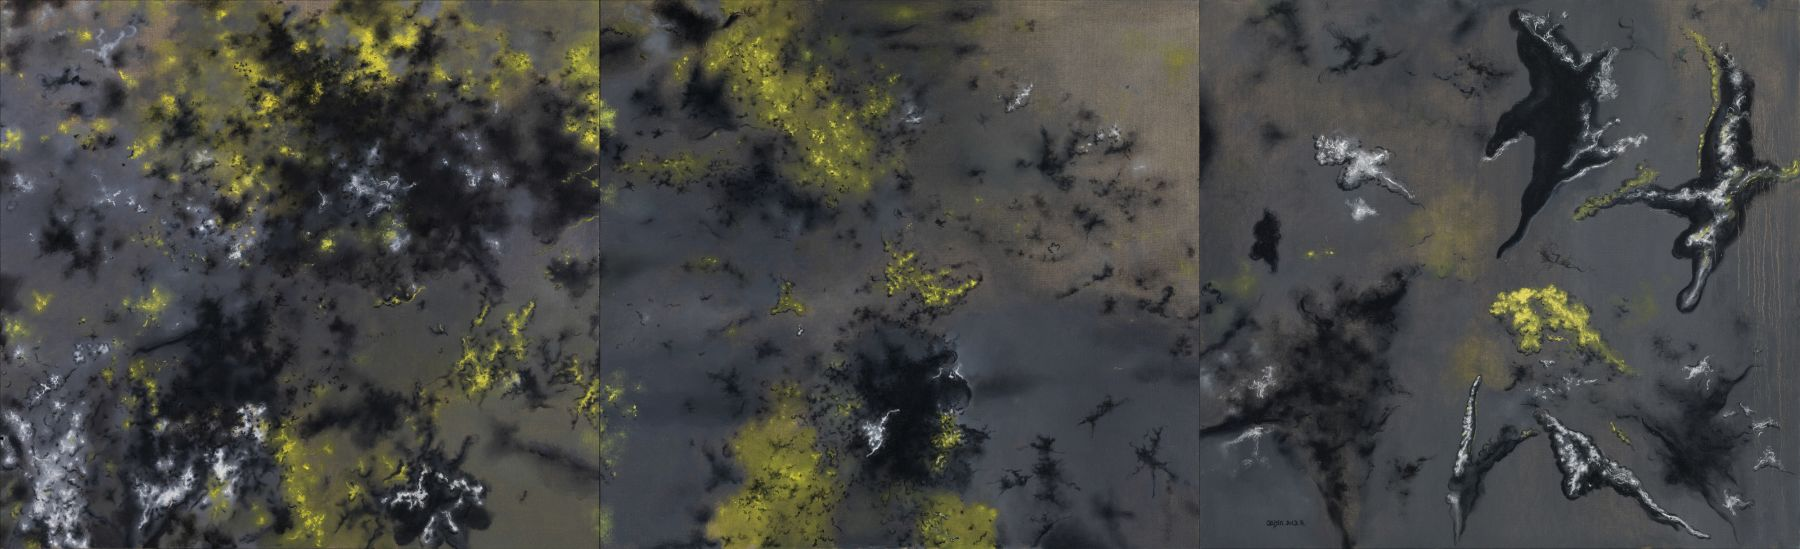 Cai Jin蔡锦(b.1965), Landscape No. 83,82,77风景83,82,77